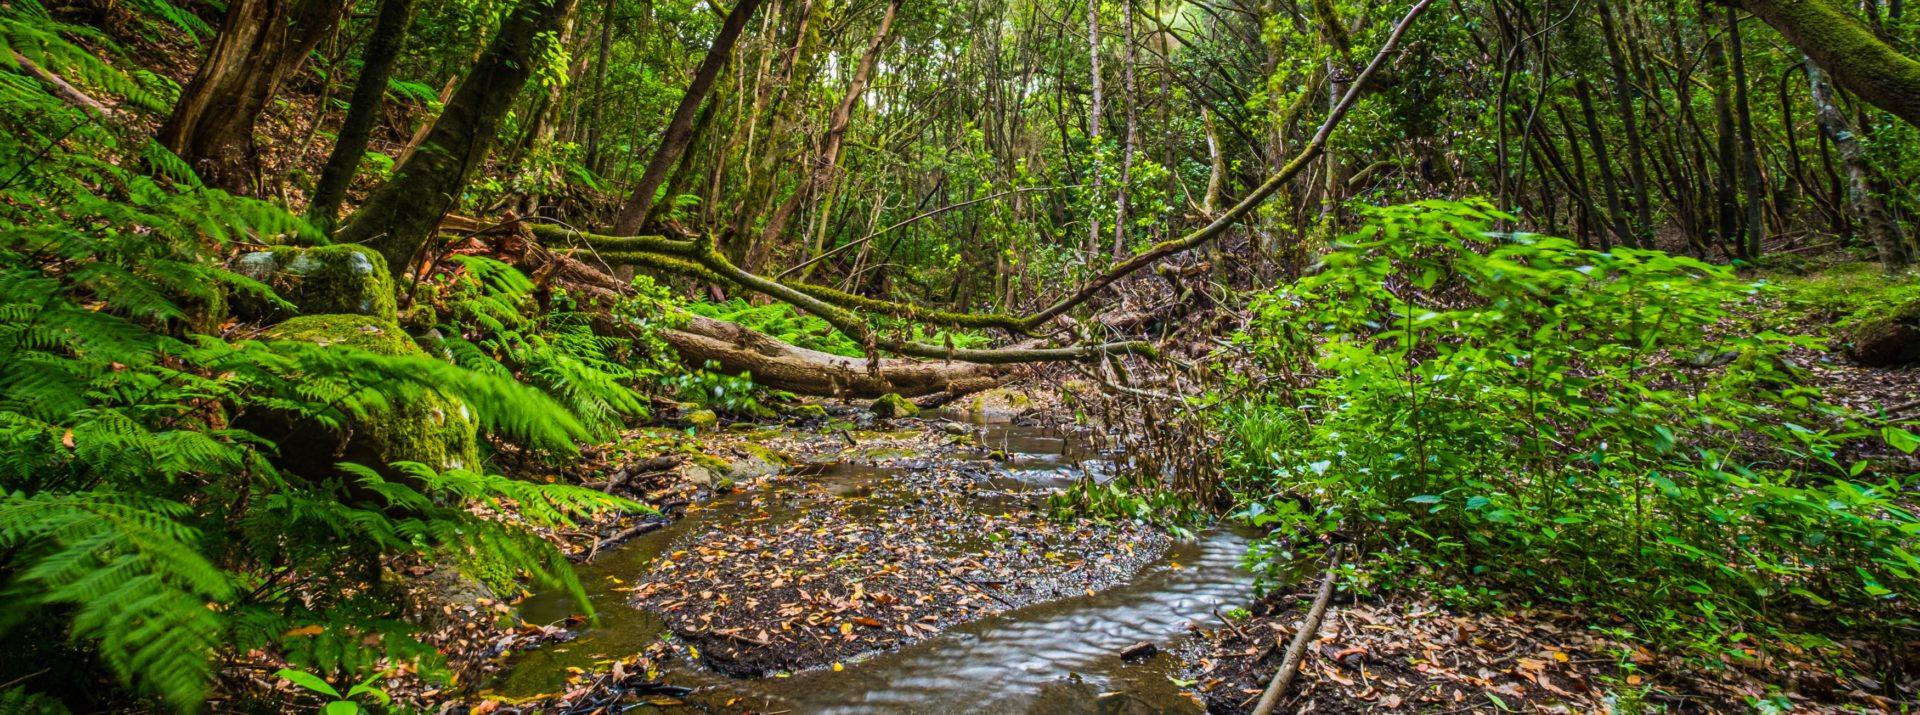 Sumérgete en el misterio del bosque milenario